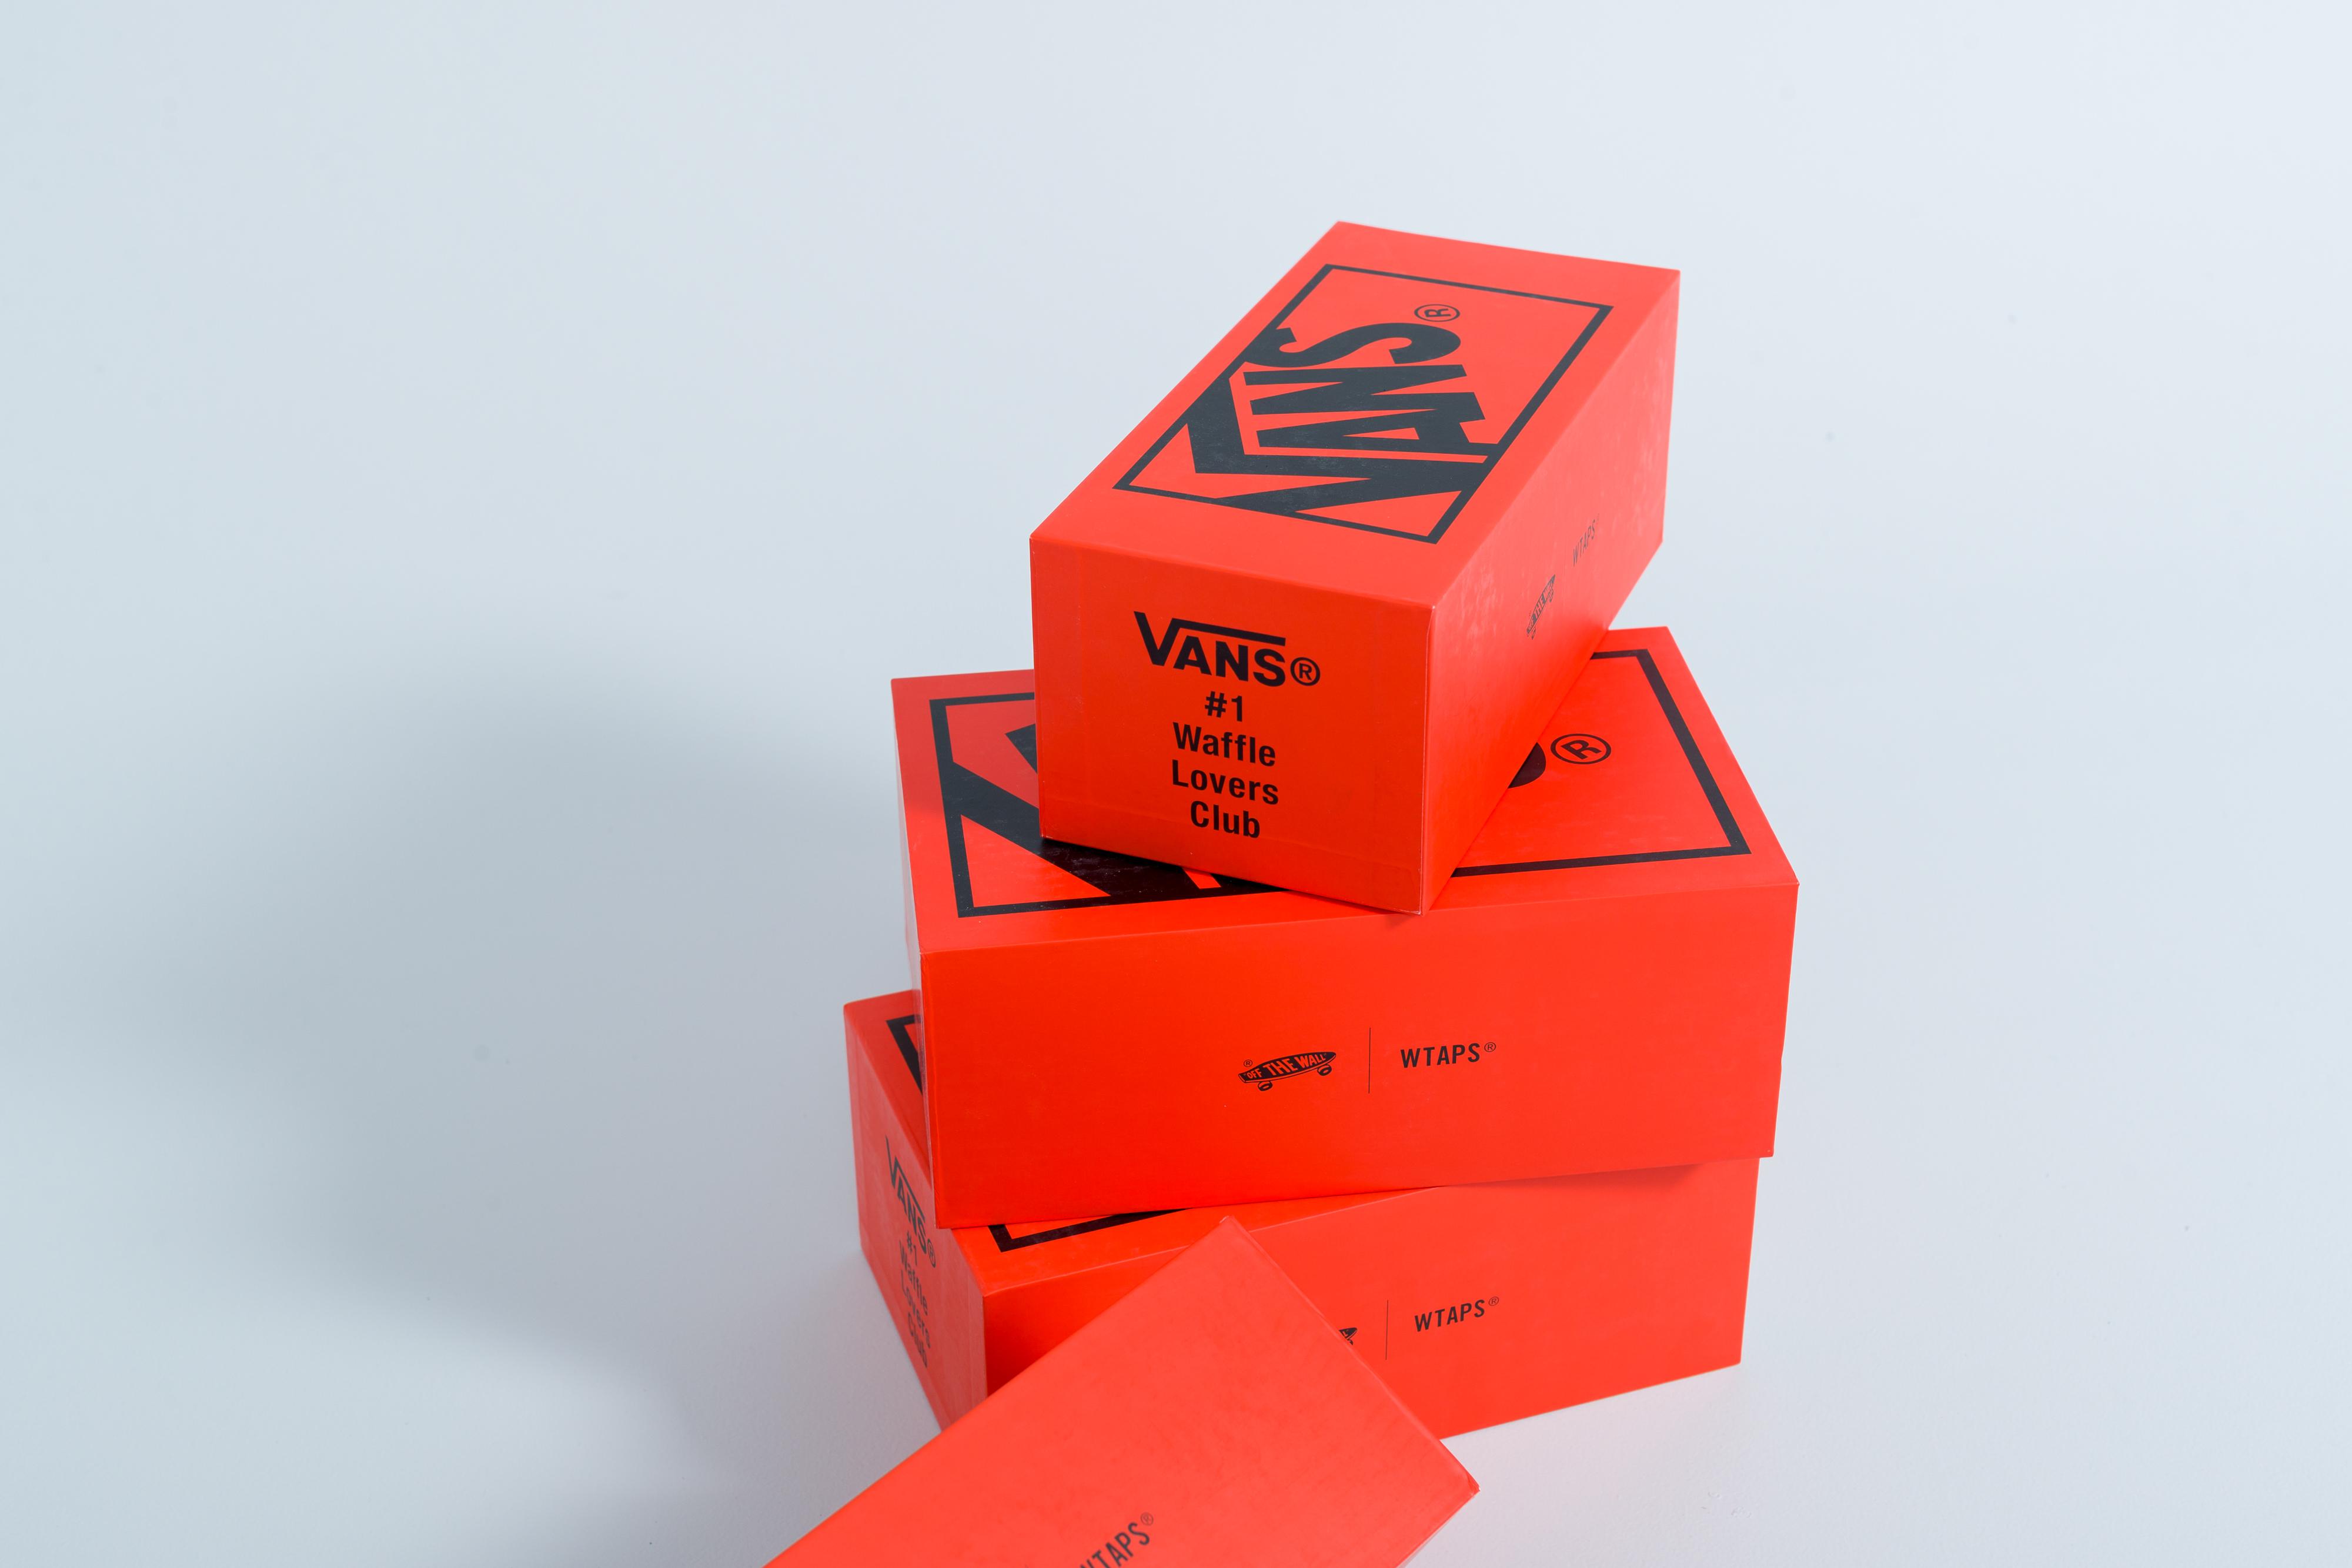 Vans Vault X WTAPS 'GPS' Collection